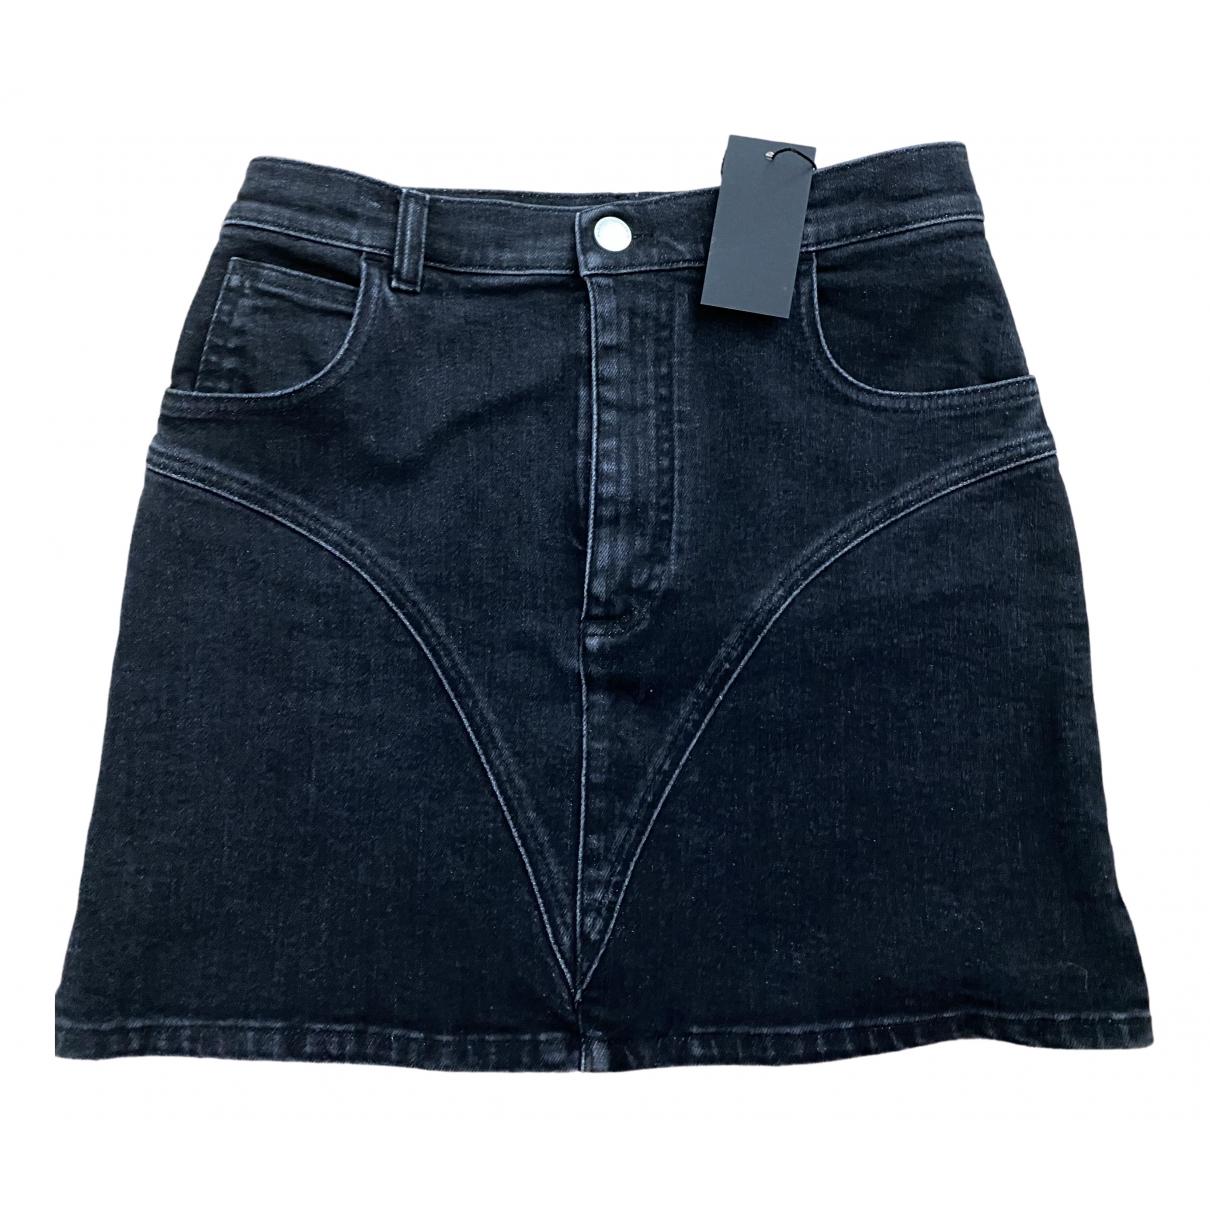 Alessandra Rich \N Black Denim - Jeans skirt for Women 38 FR